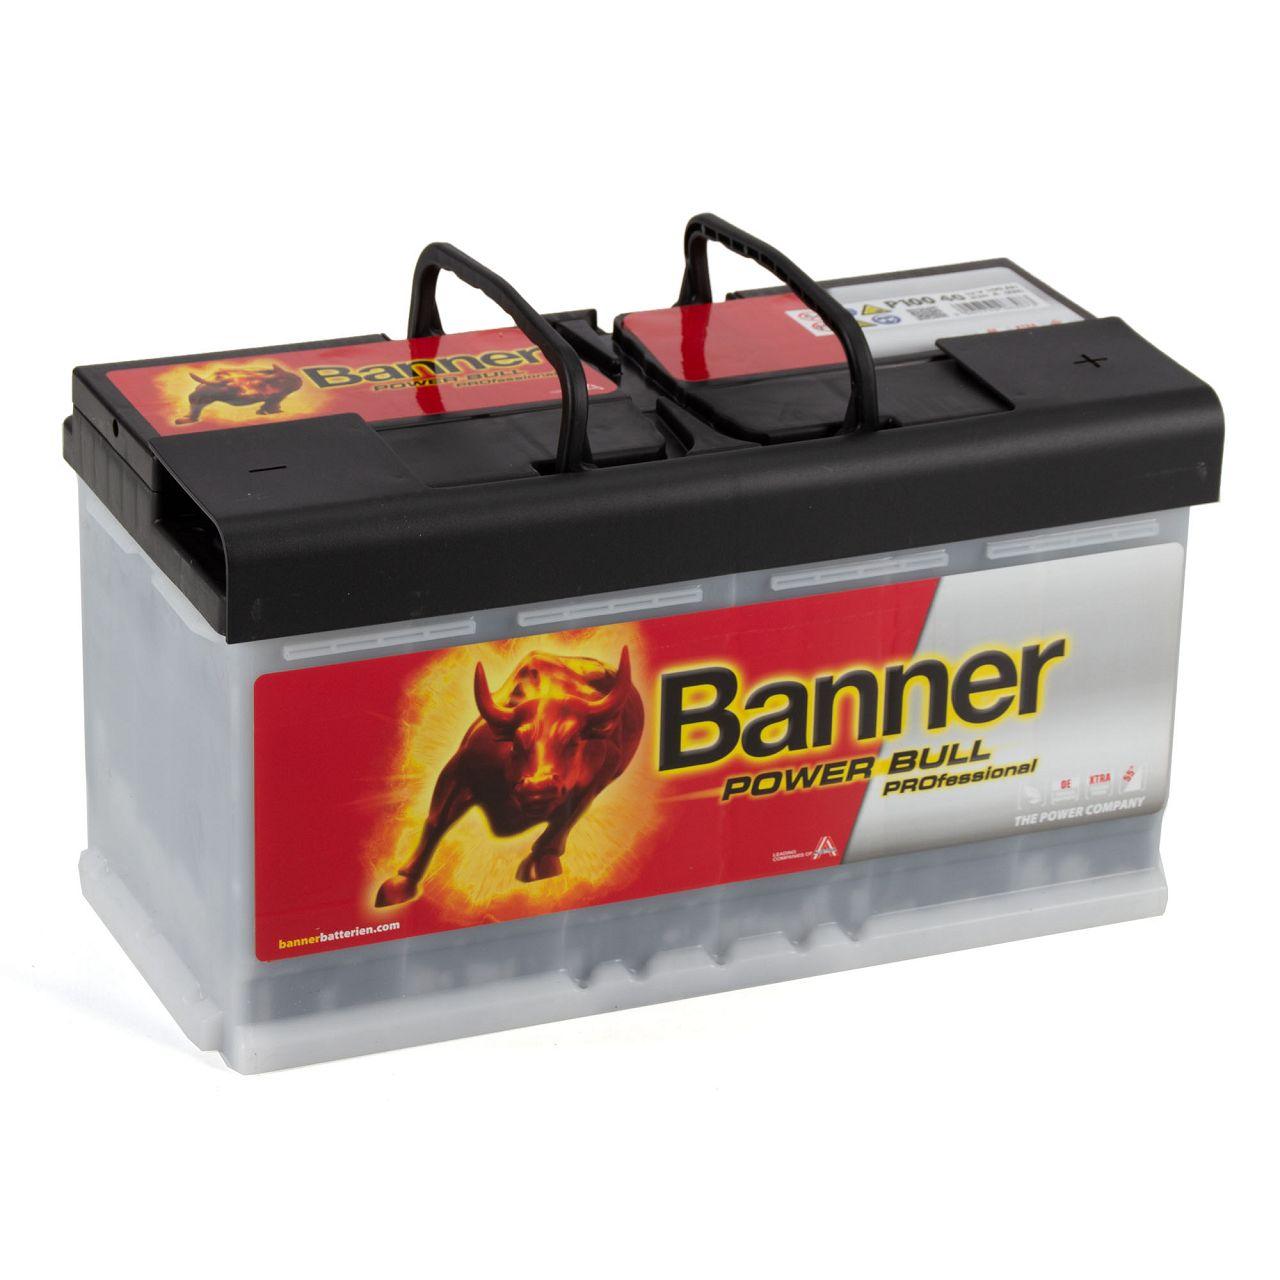 BANNER PRO P10040 Power Bull Professional Autobatterie Batterie 12V 100Ah